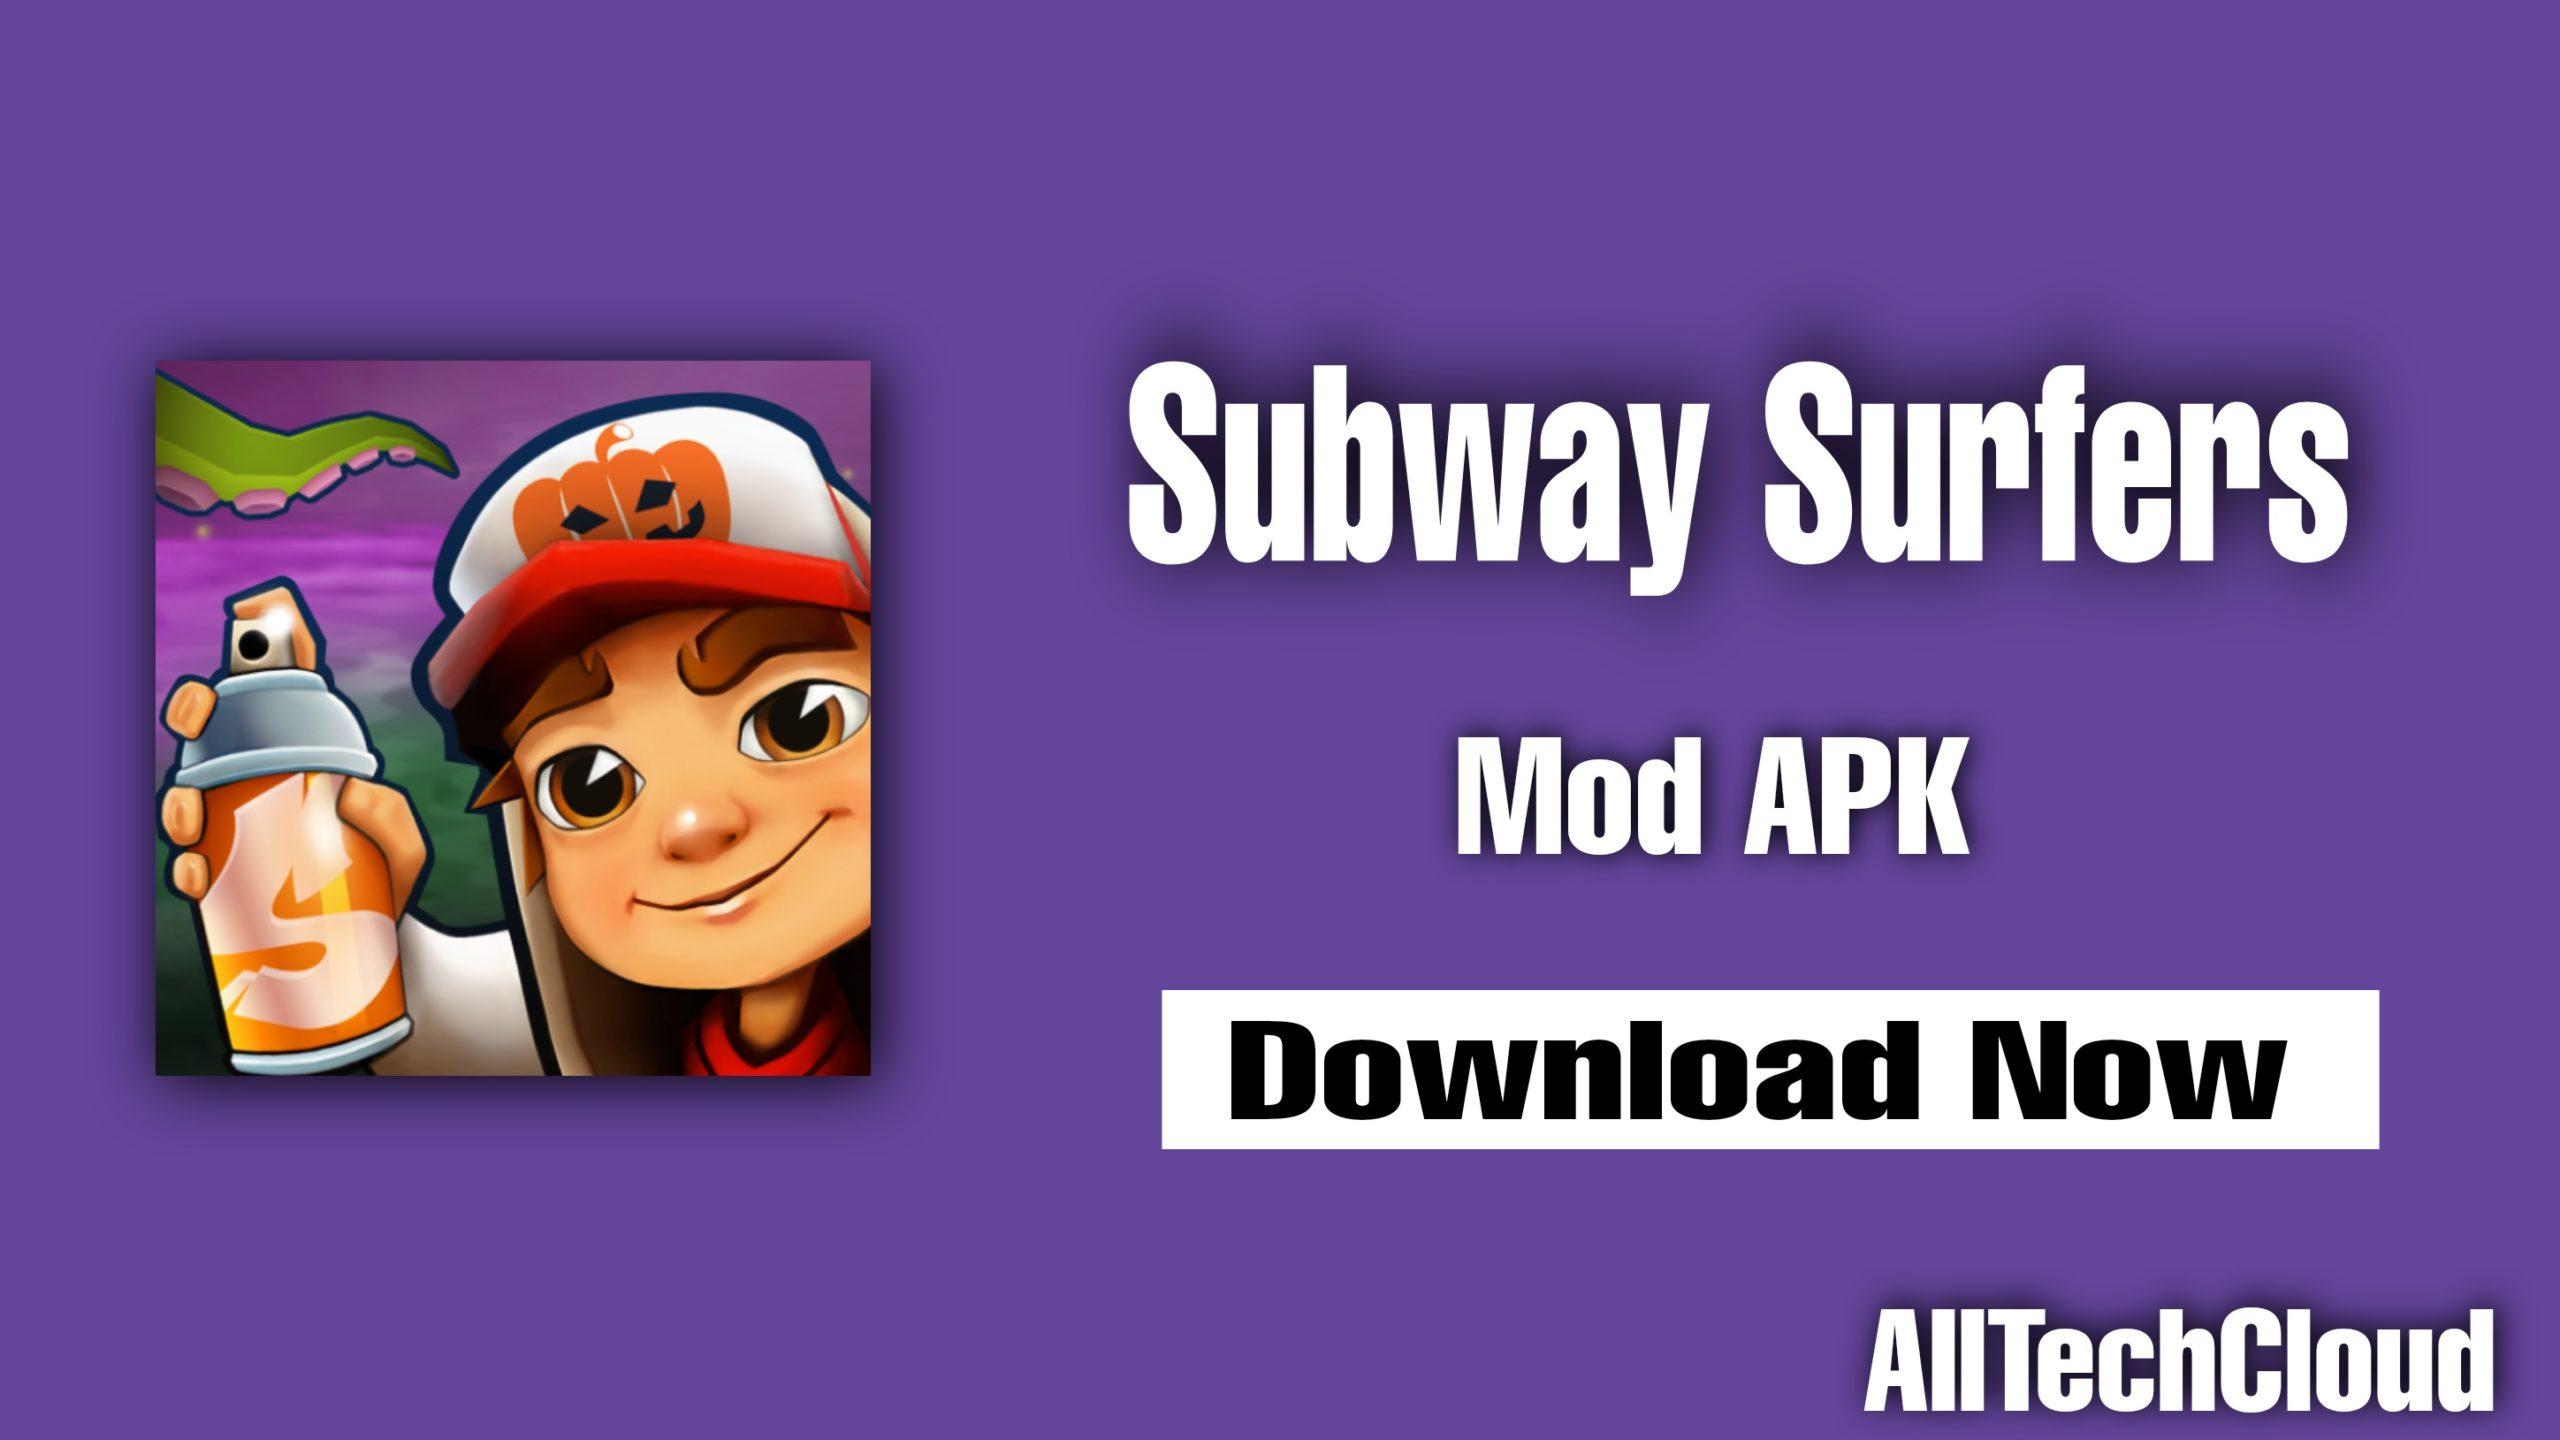 Subway Surfers Mod APK v2.19.1 Download (Unlimited Coins/Keys)